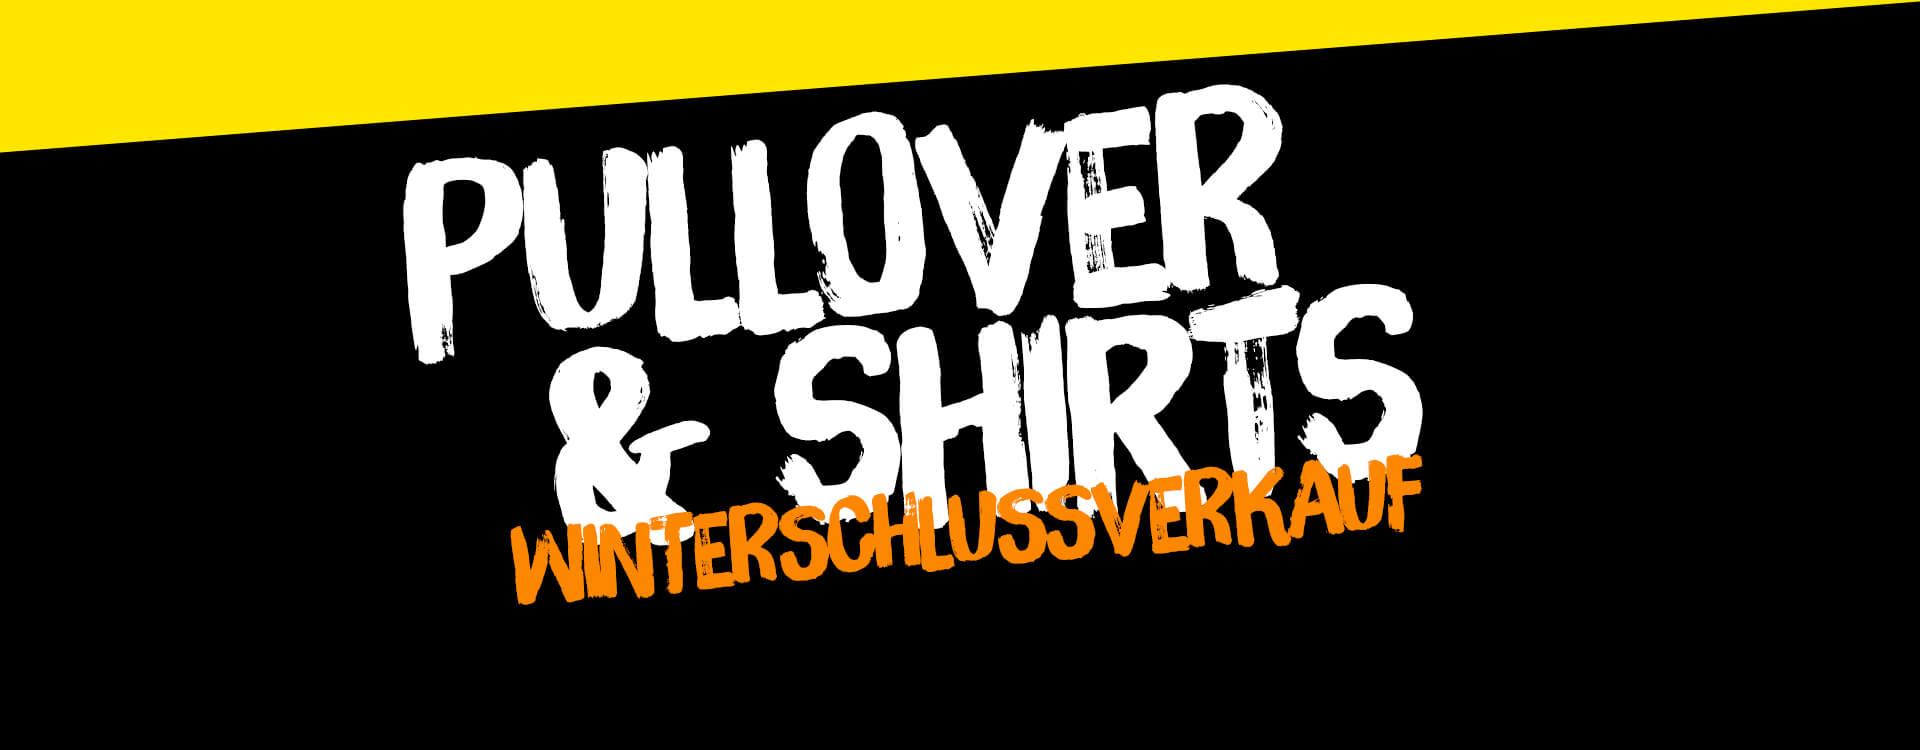 Onlineshop-Kategorieb-hnen-Desktop-1920x750px_WSV-Pullover_shirts